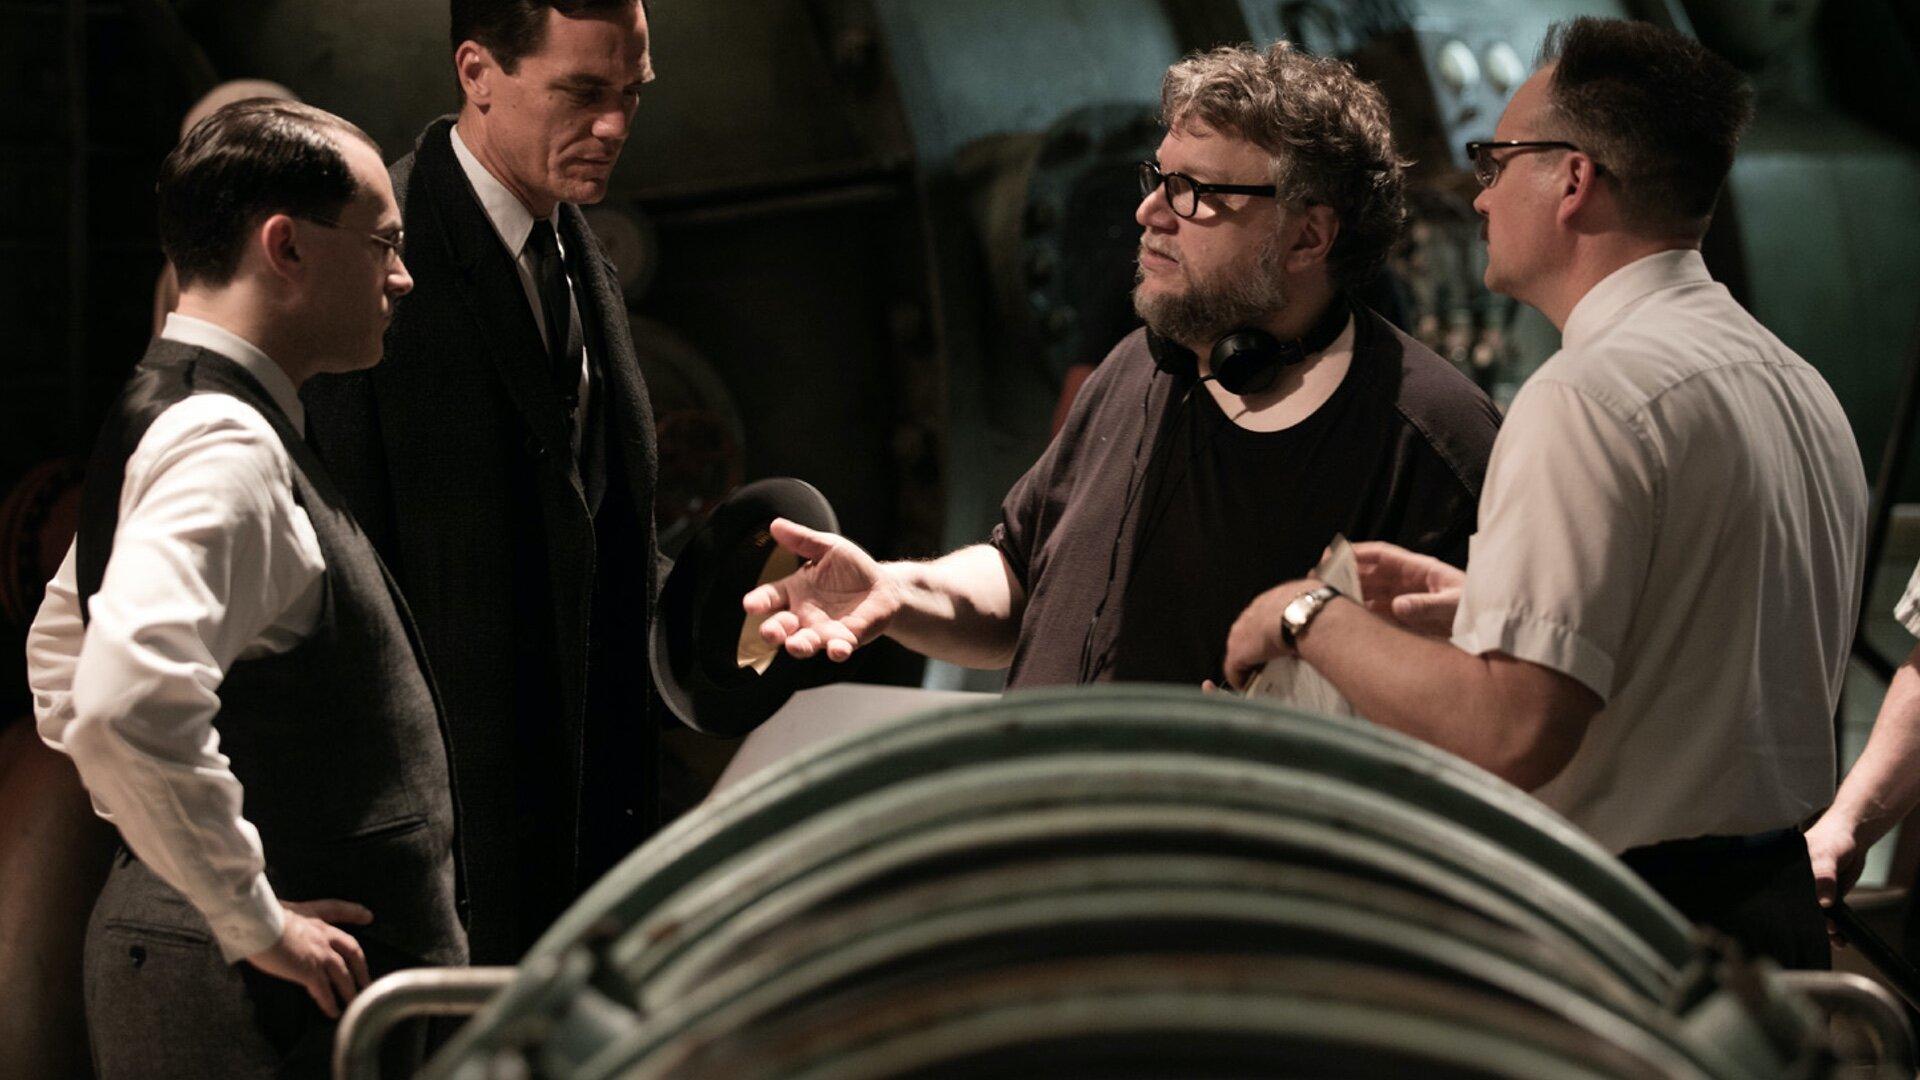 Gillermo del Toro comienza el rodaje de 'Nightmare Alley'